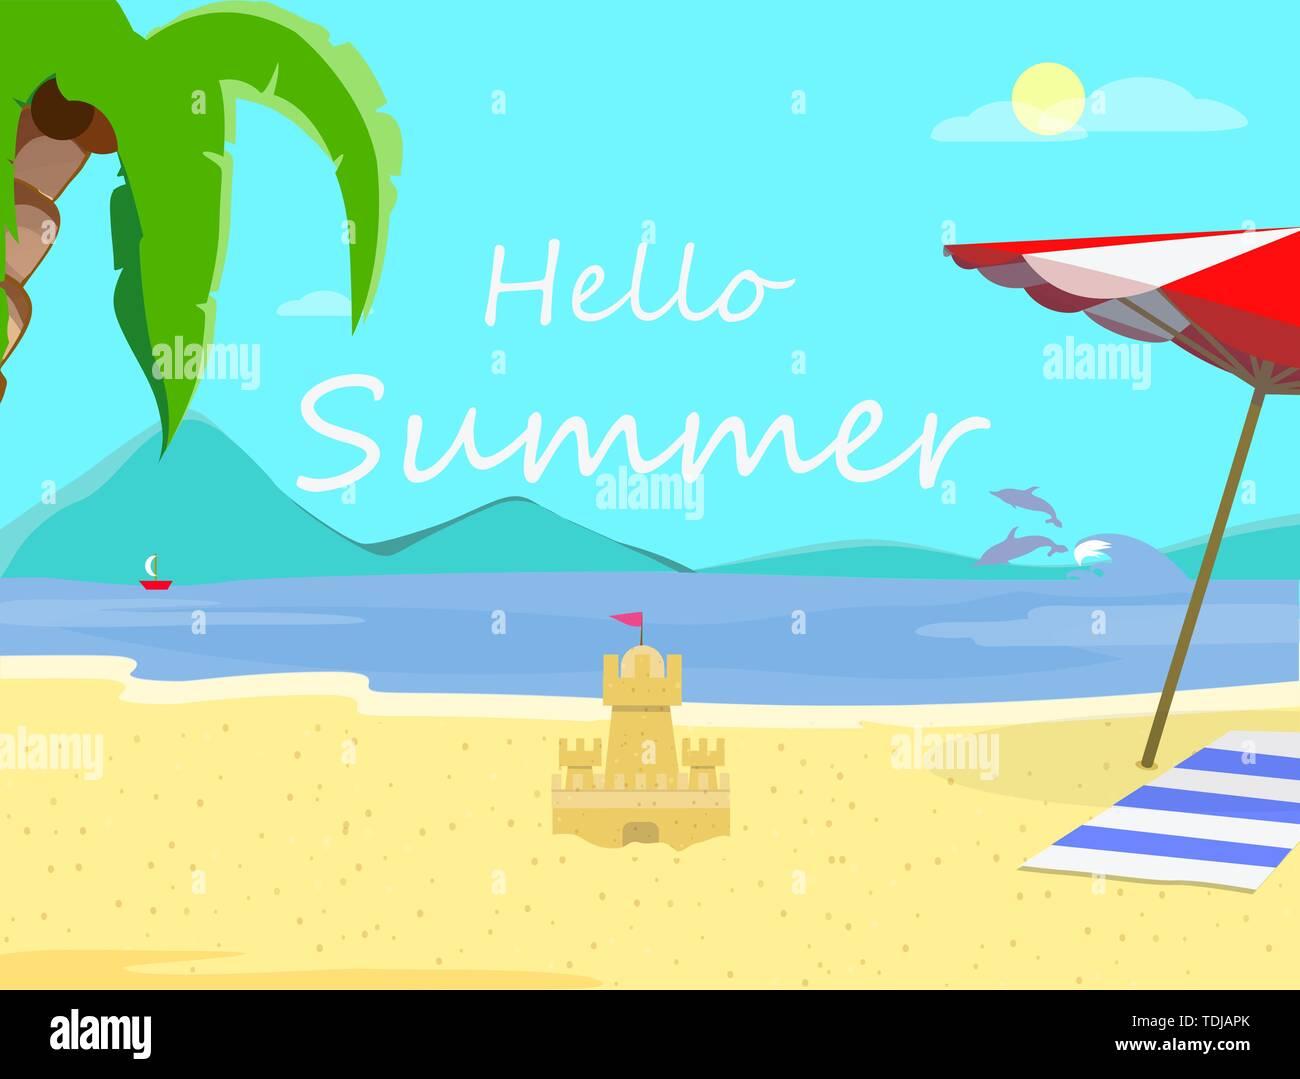 Hallo Sommer Strand Hintergrund mit Küste Marine, Delphine, Sonnenschirm, Handtuch, Sand Castle. Reisen Postkarte für Sommer Urlaub, Holida Stockbild